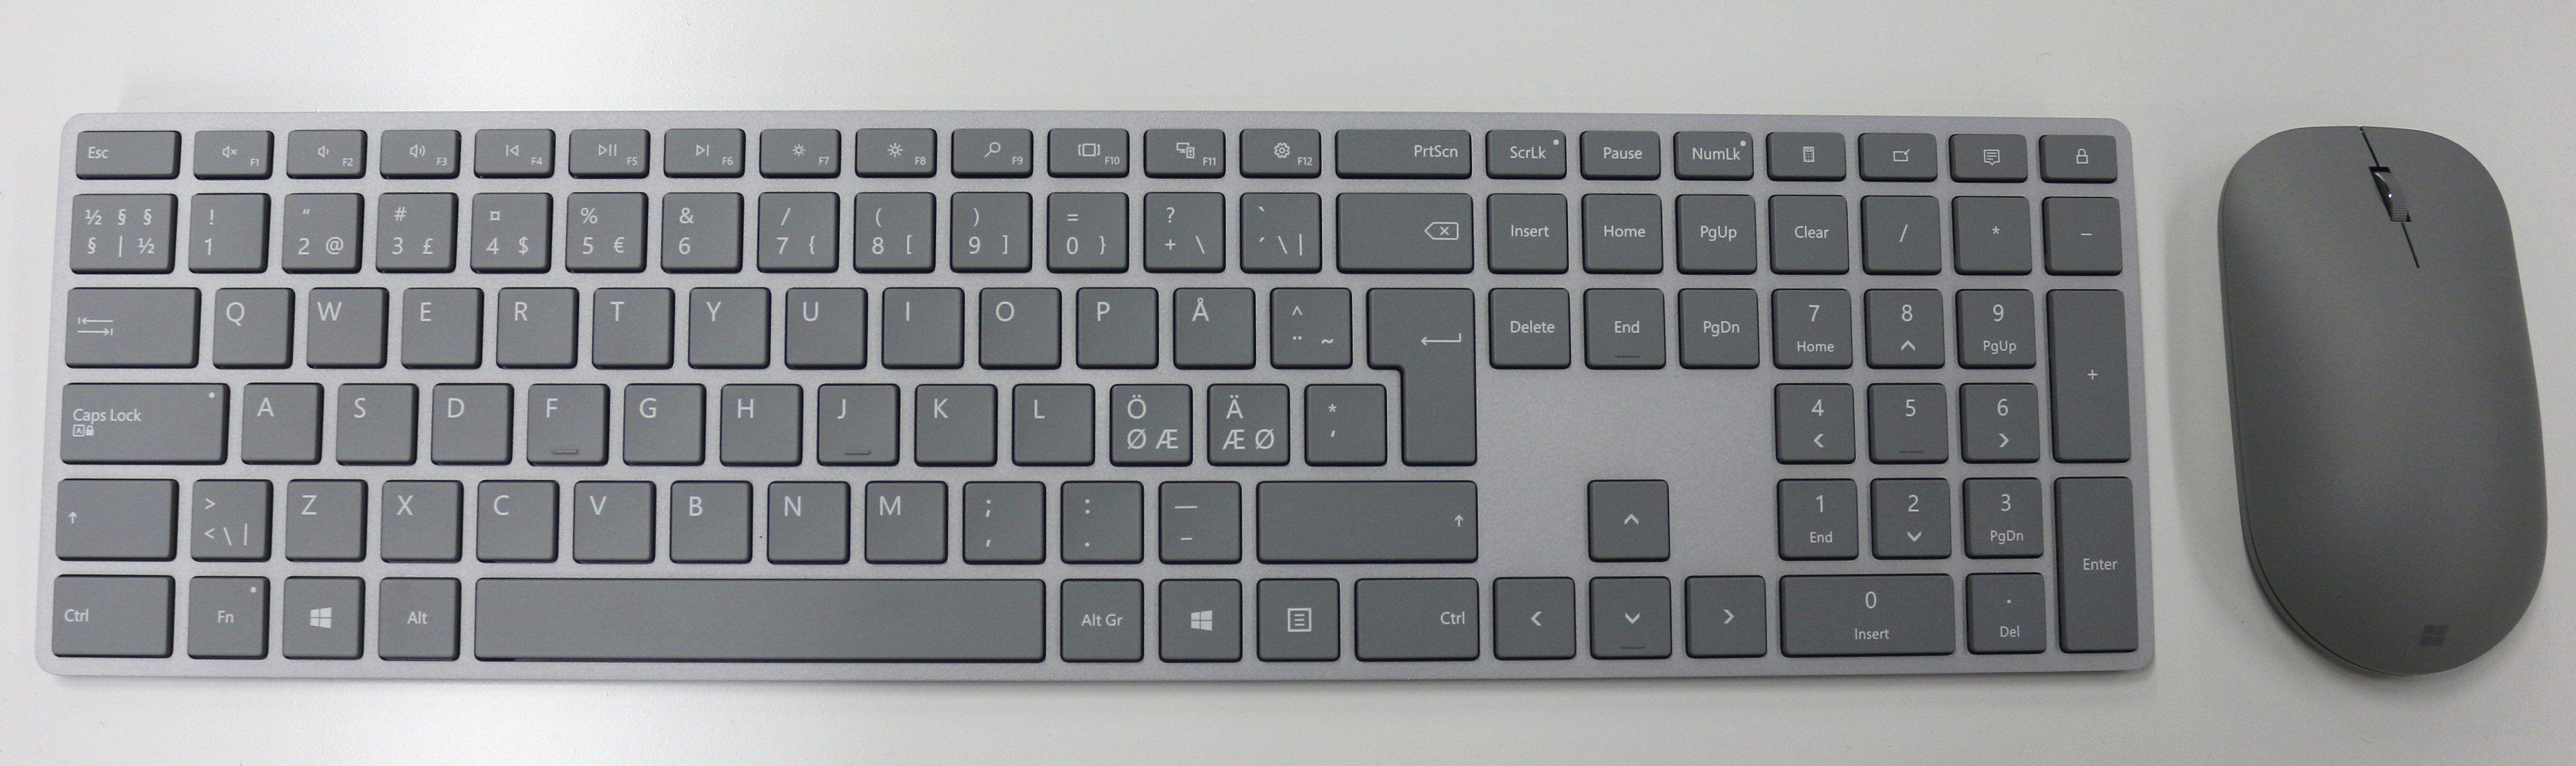 Trådløs datamus og tastatur følger med.